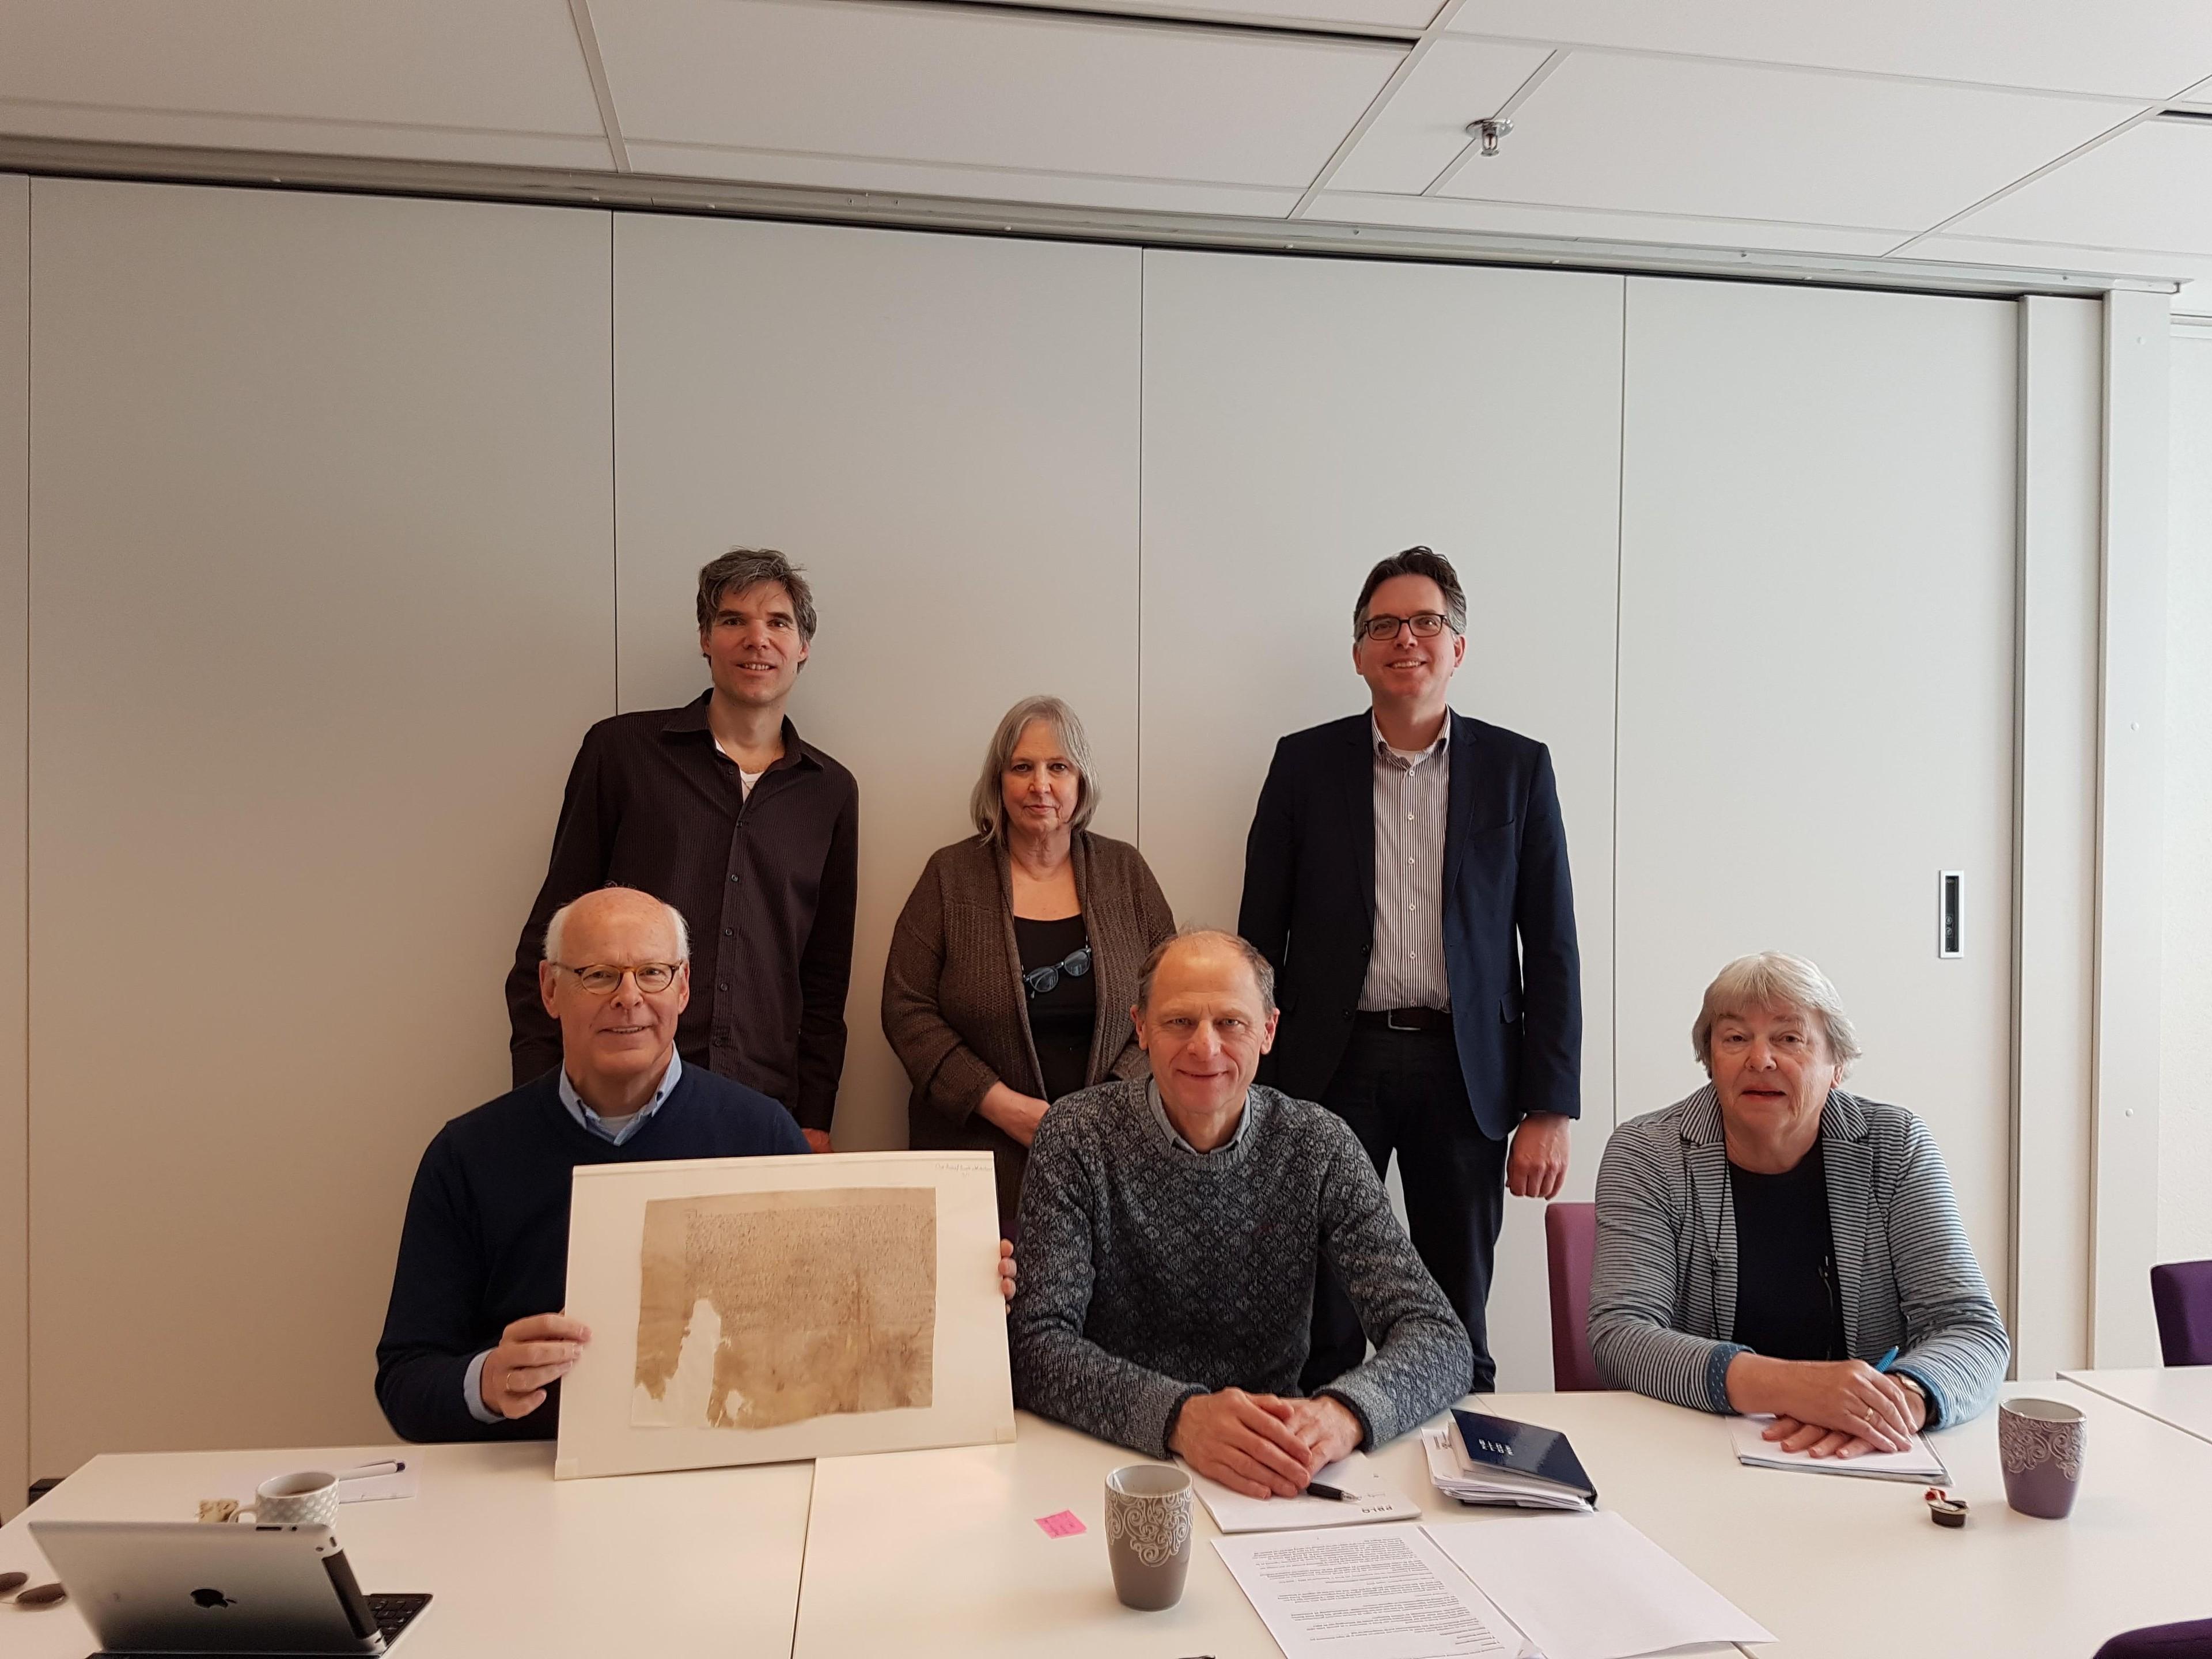 Waterlands Archief presenteert boek 'Broek en Waterland': De melkoorlog en de strijd tegen de baljuw - Noordhollands Dagblad